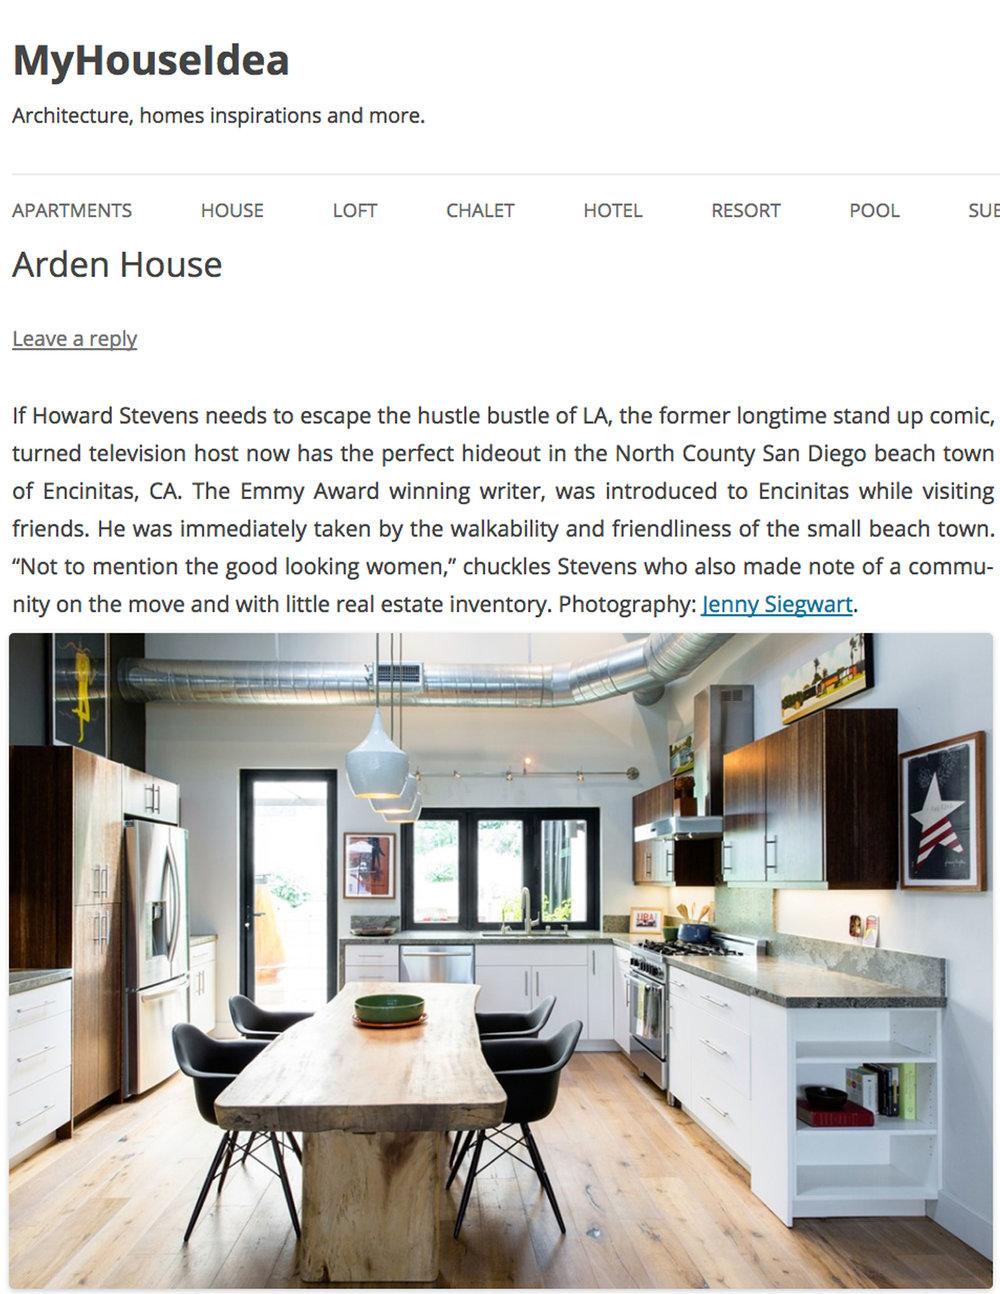 MYHOUSEIDEA | NOVEMBER 16, 2017  Arden House.